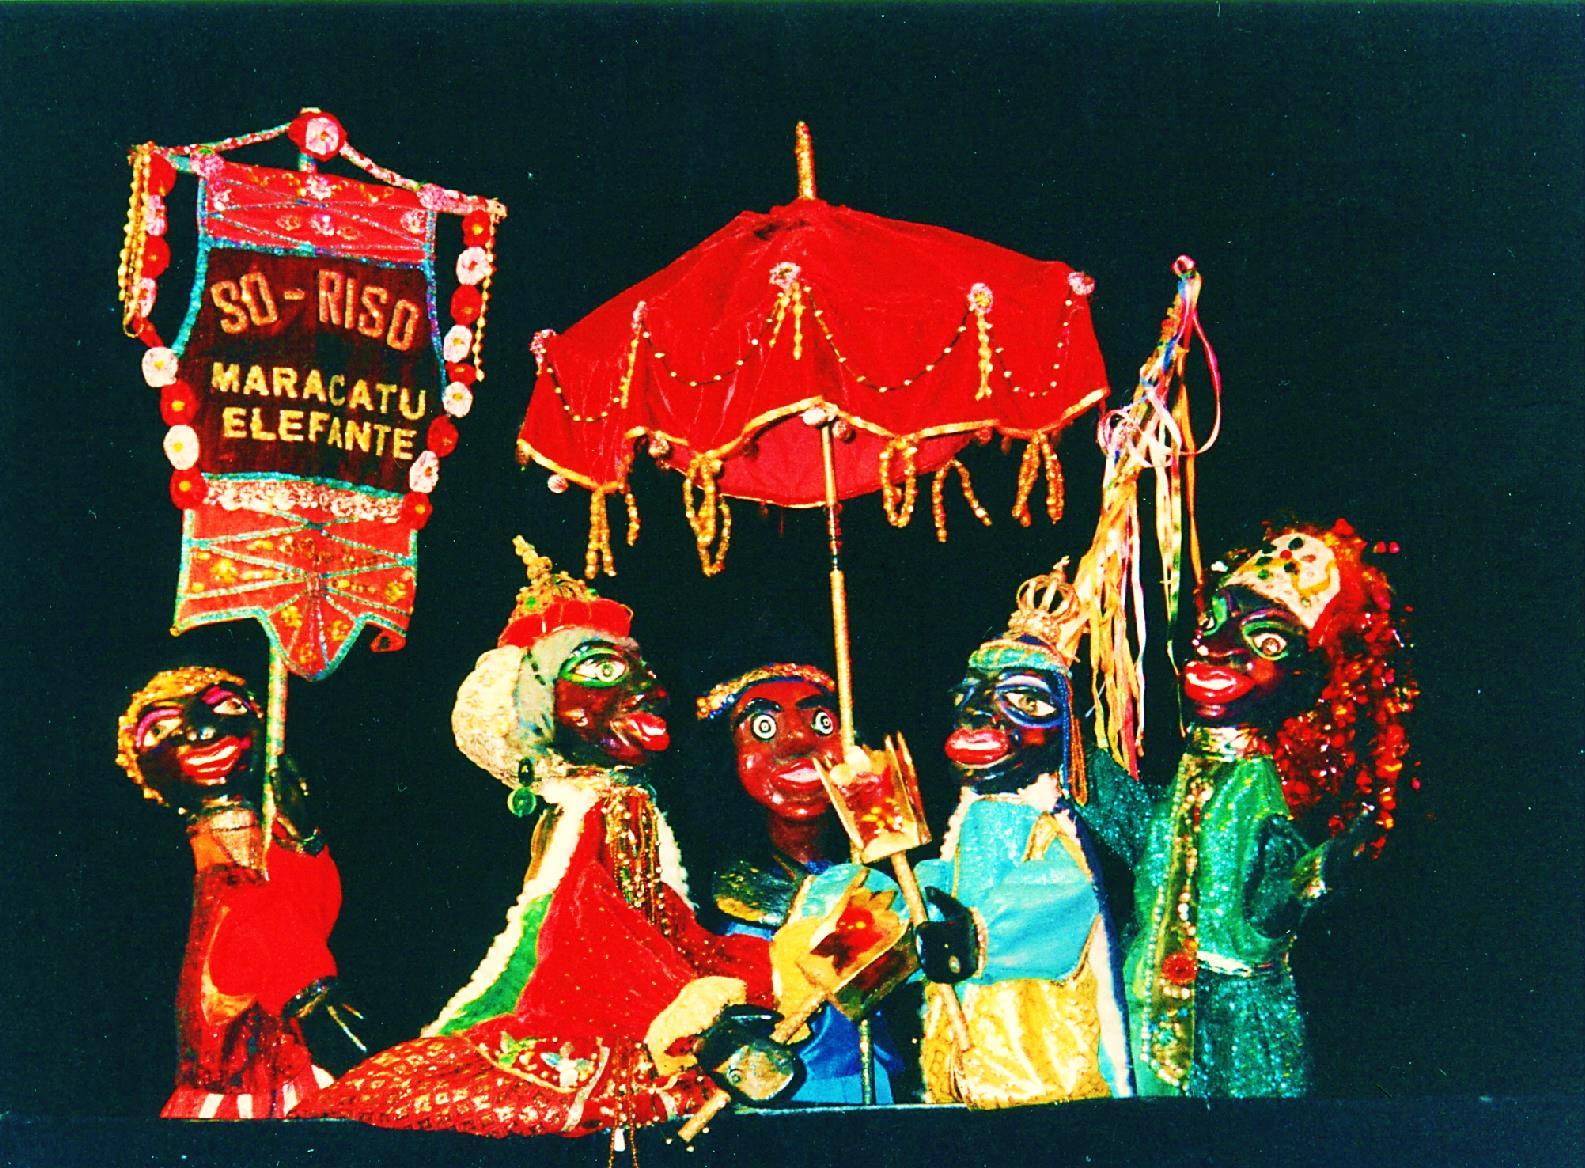 Une scène de <em>maracatu</em> dans <em>Festança no Reino da Mata Verde</em> (1977) par Mamulengo Só-Riso (Olinda, État de Pernambuco, au Brésil). Photo: Fernando Augusto Gonçalves